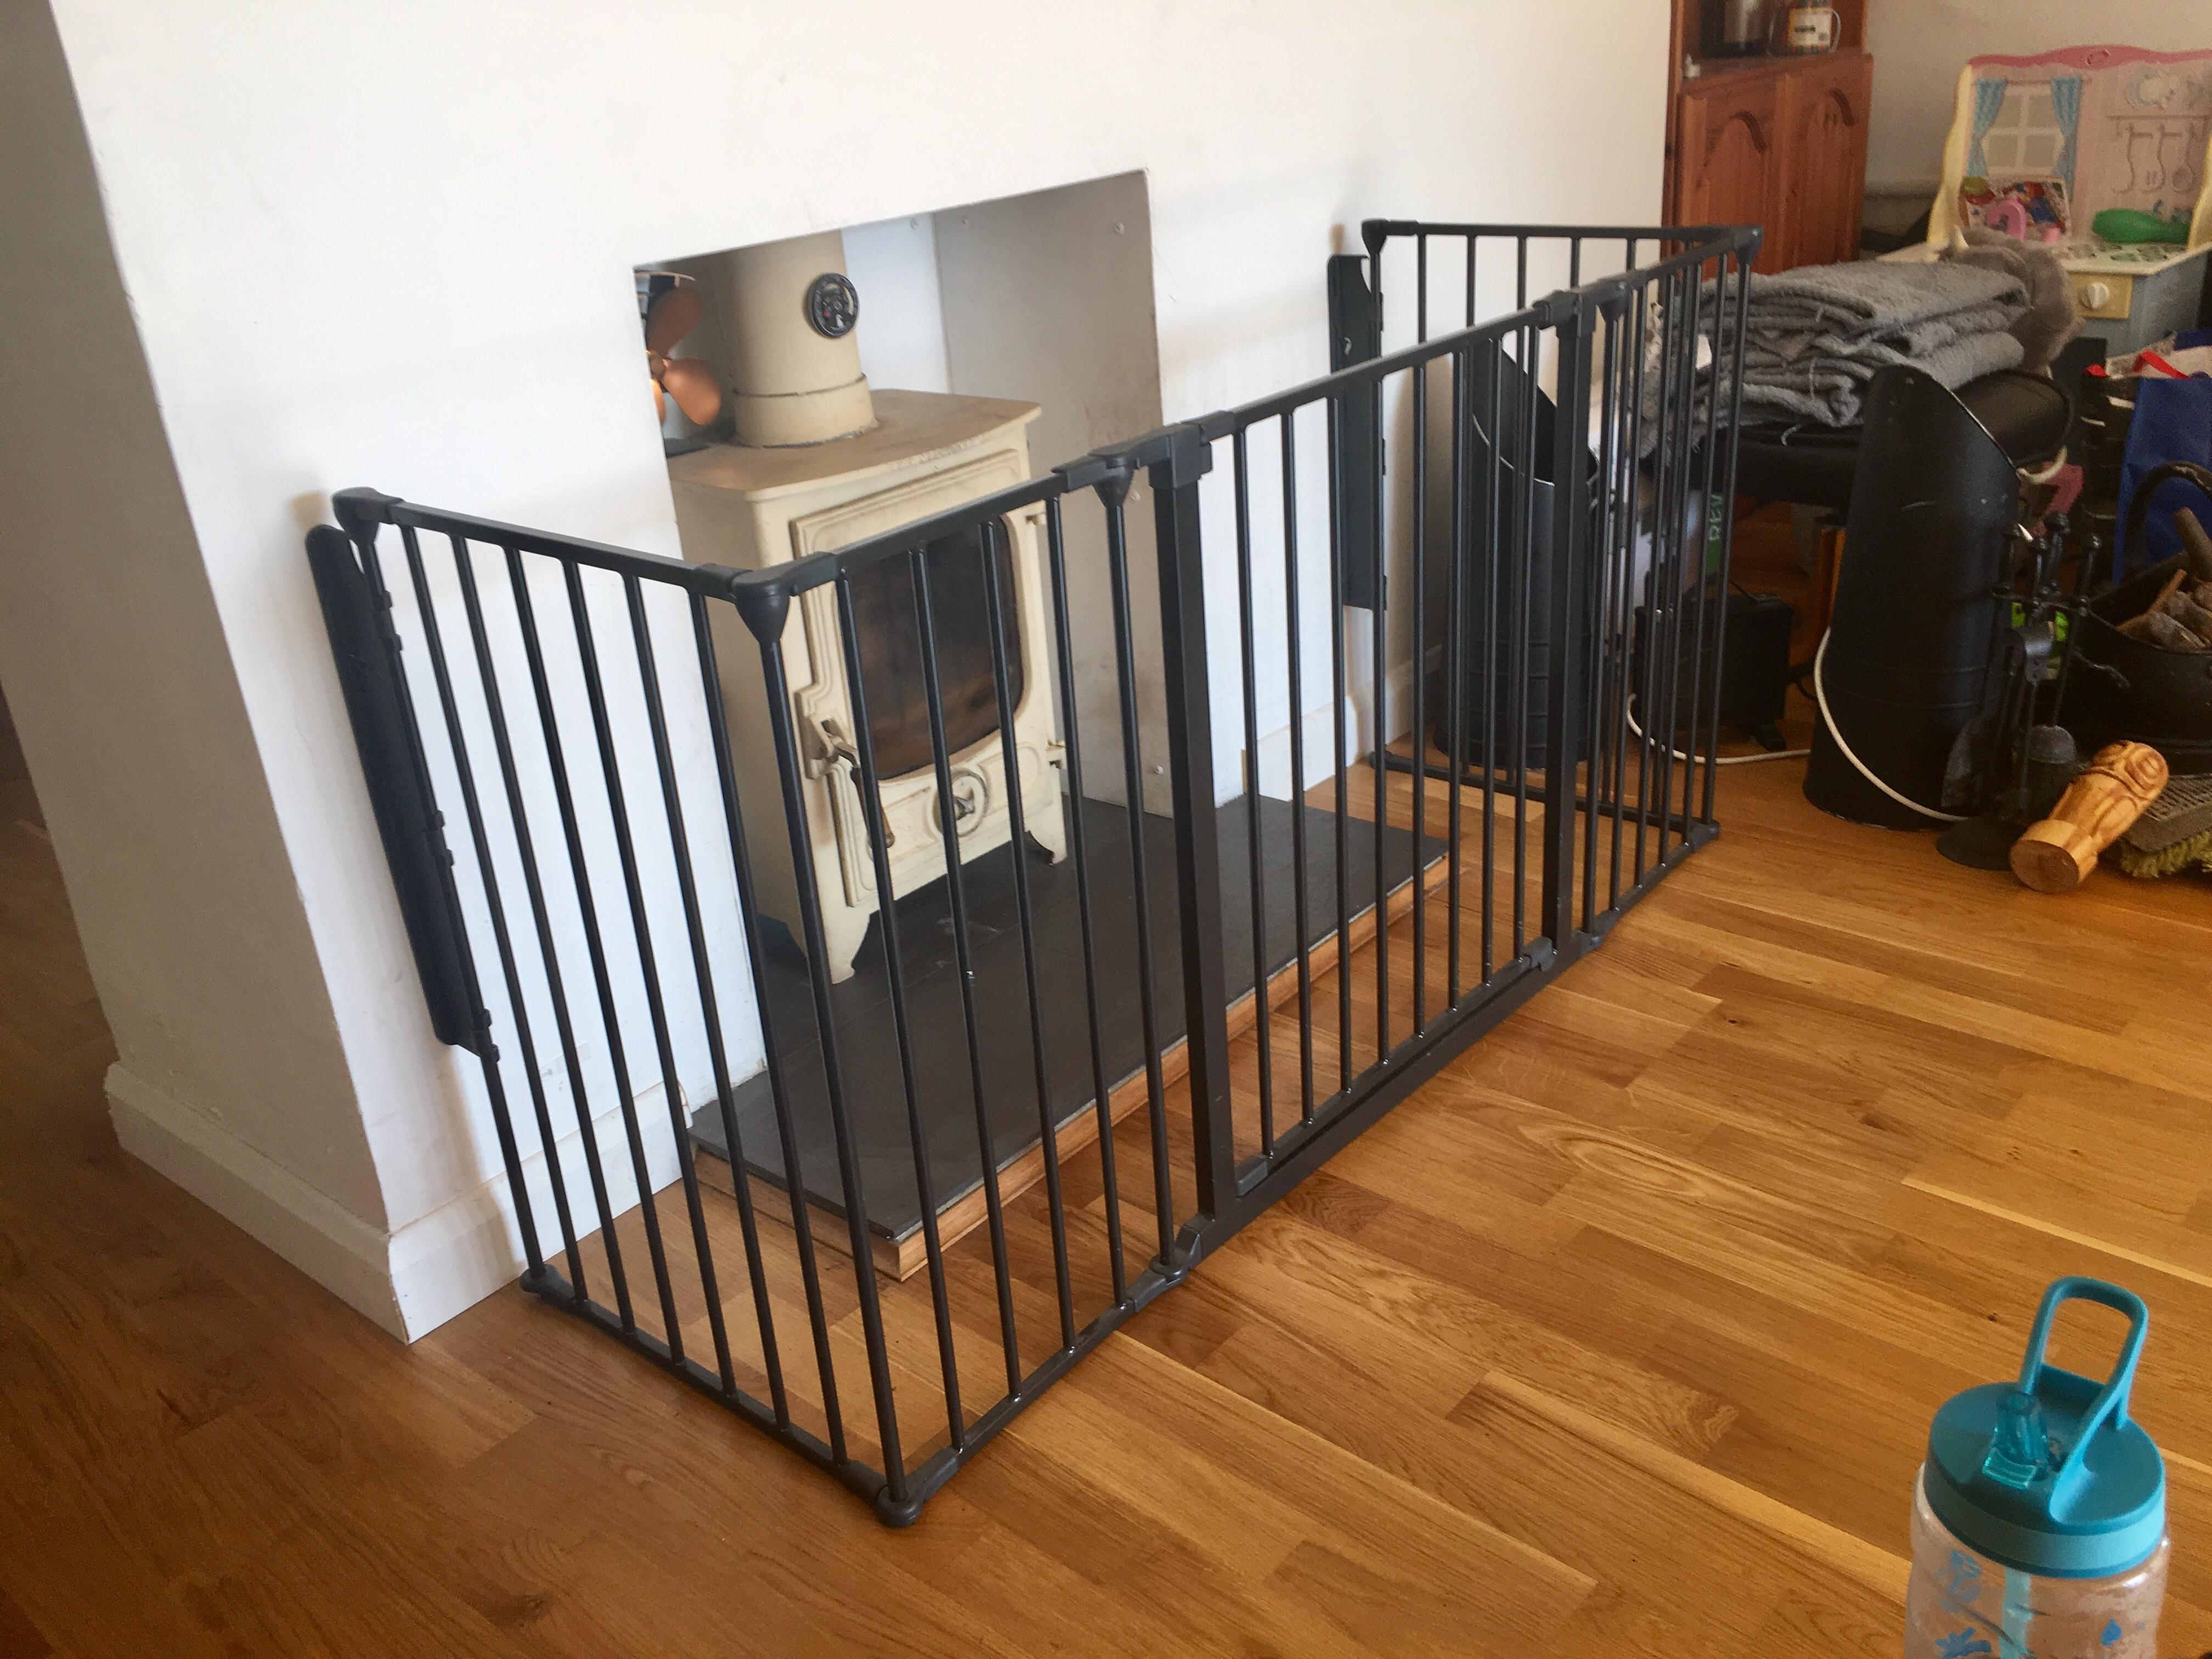 Room Dividers Safetots Flex Wall Mounting Kit Black For Safetots Flex